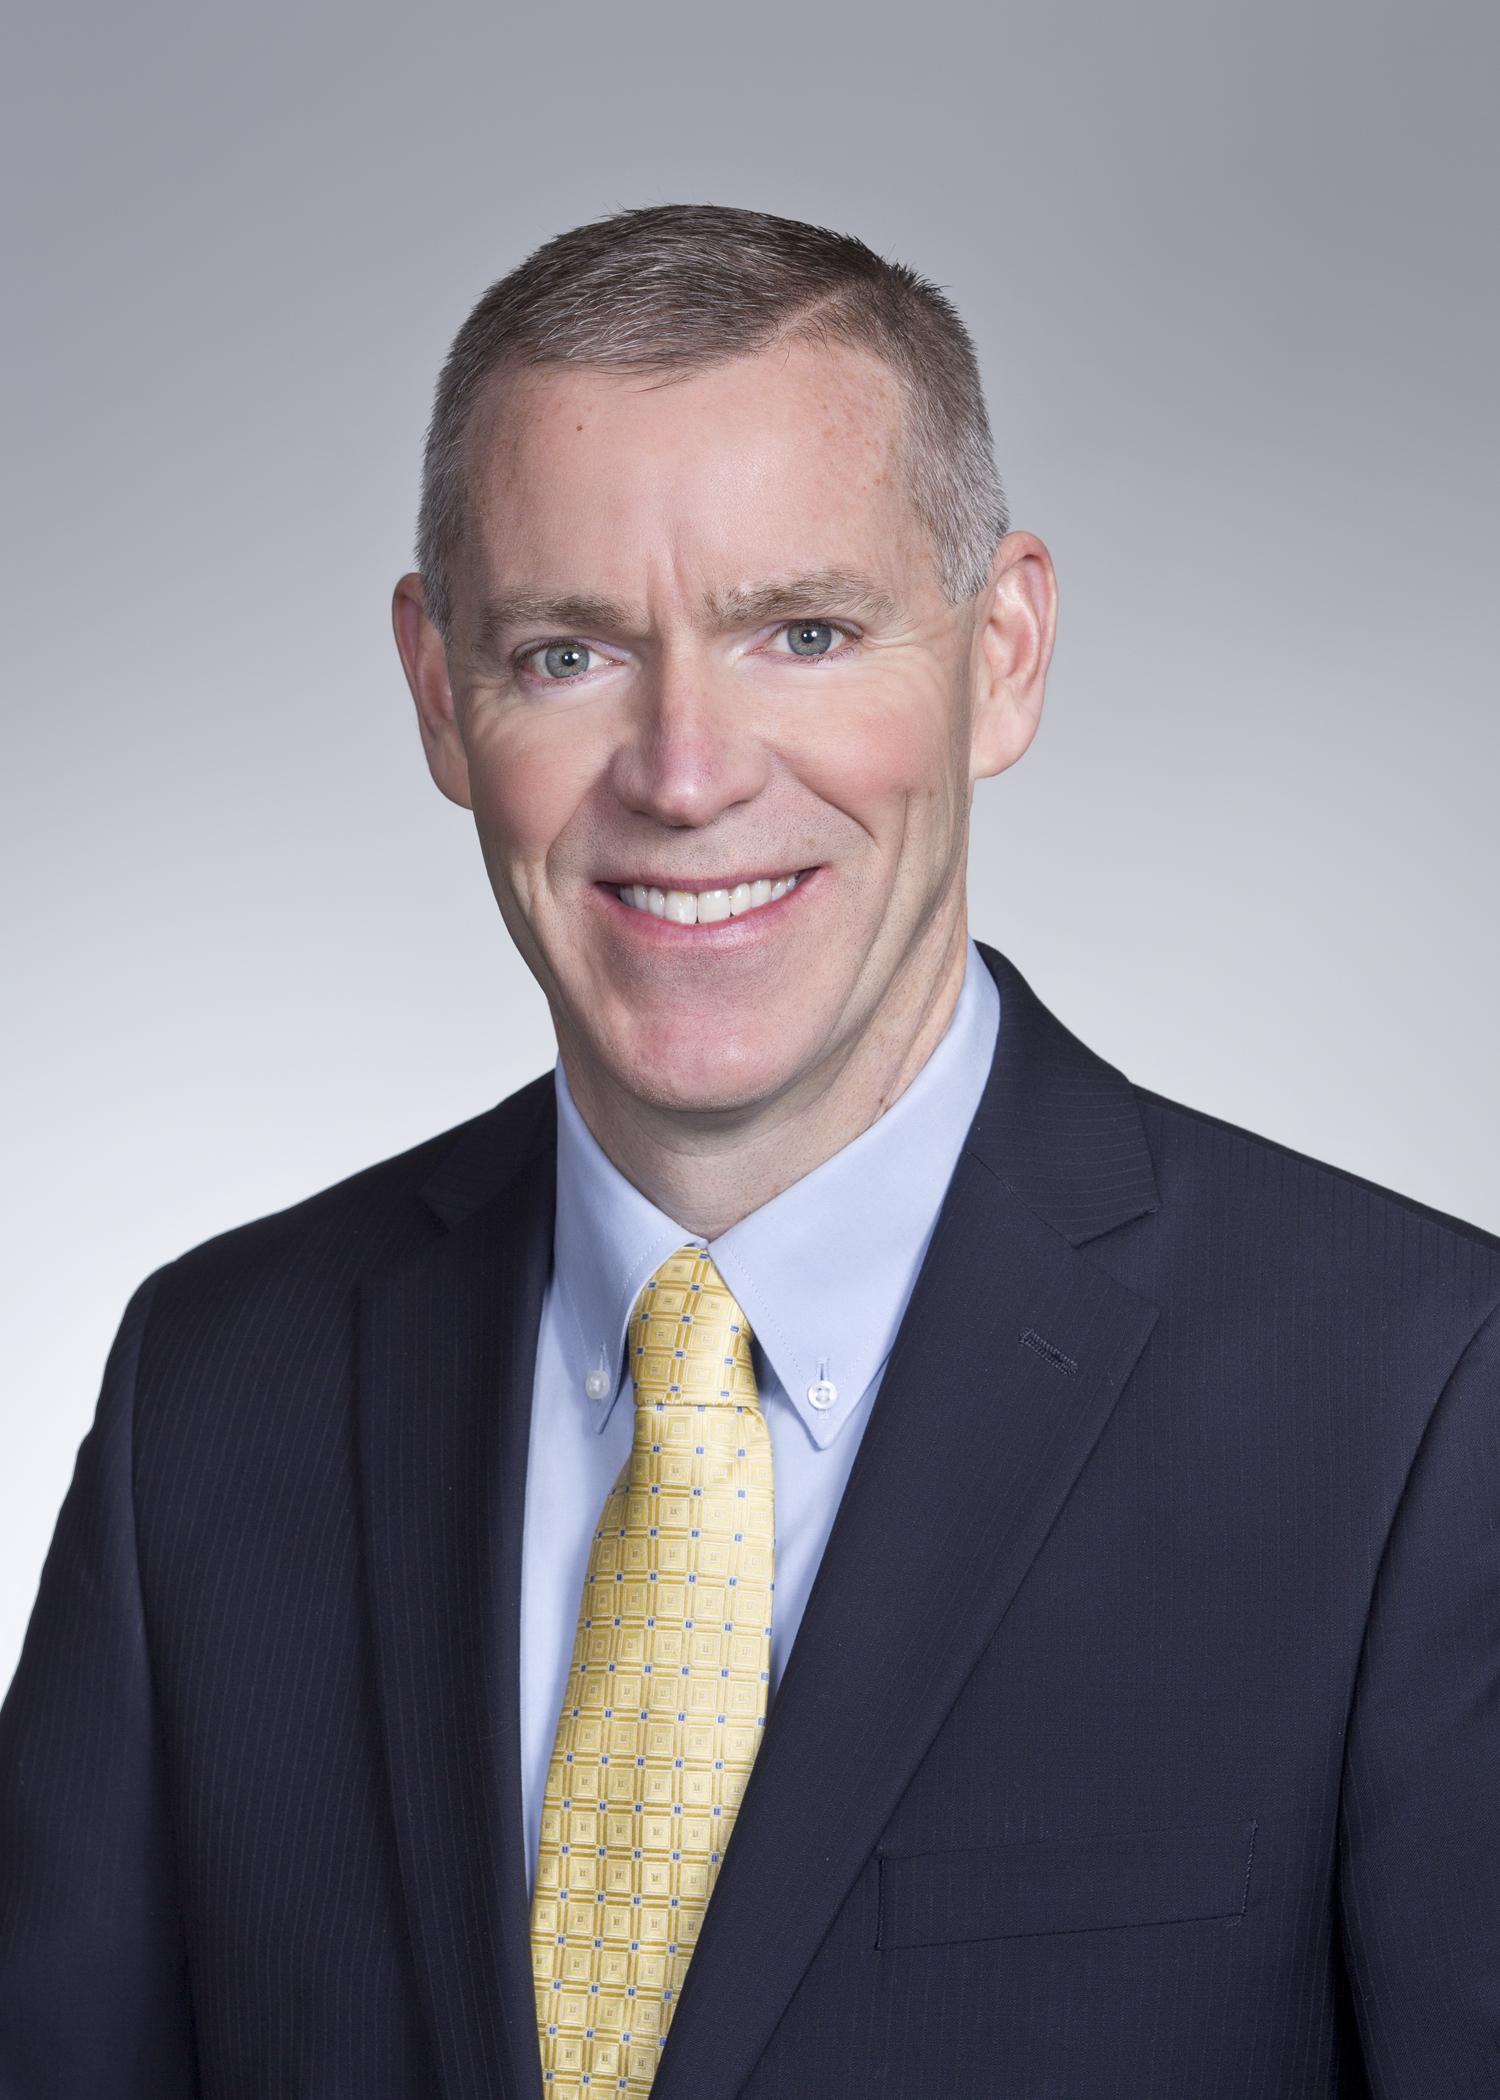 Photo of John Hester